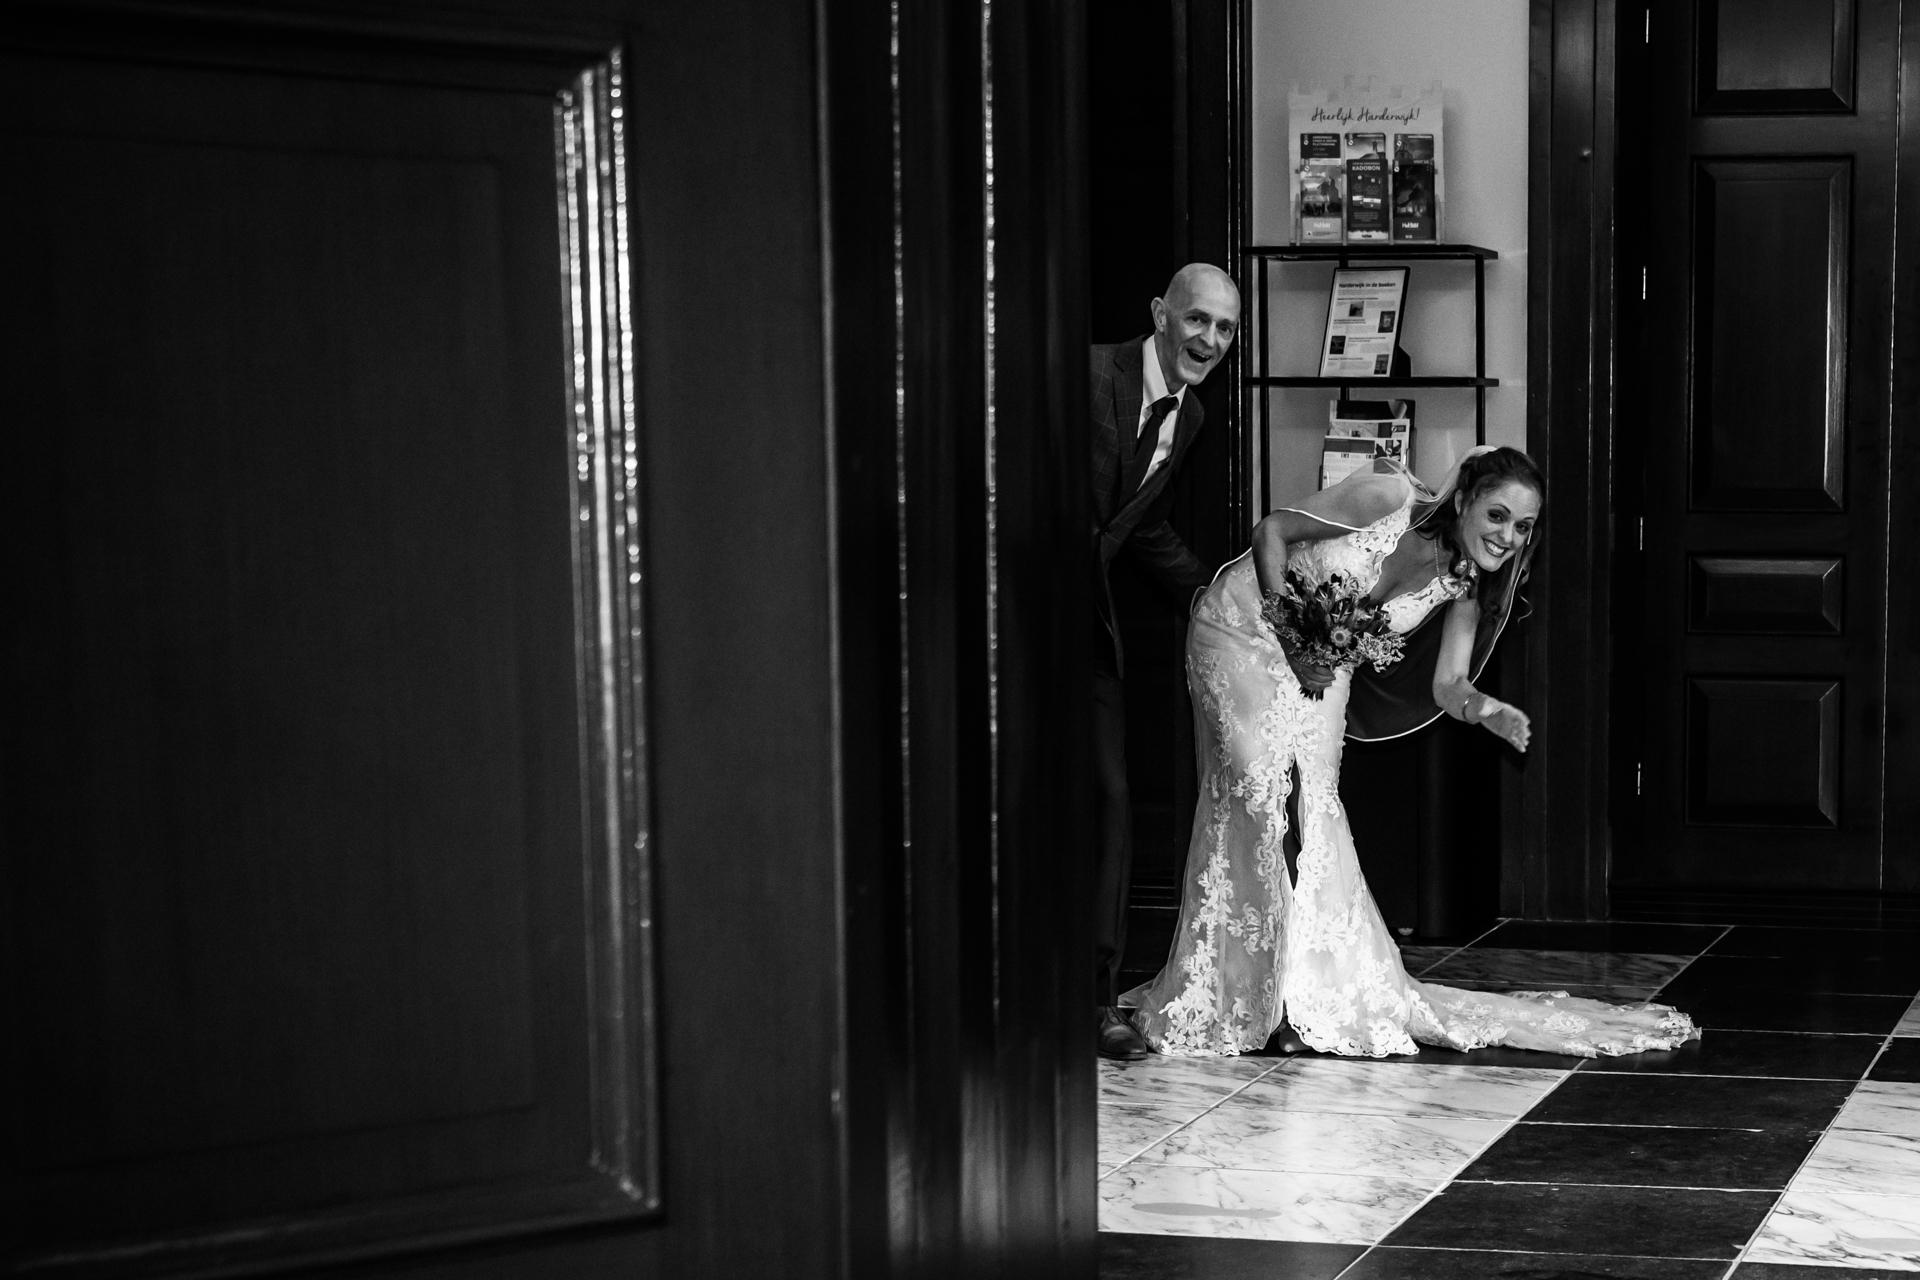 Oude Stadhuis à Harderwijk Town Hall Image de mariage | la mariée curieuse et son père, attendant dans le couloir avant la cérémonie